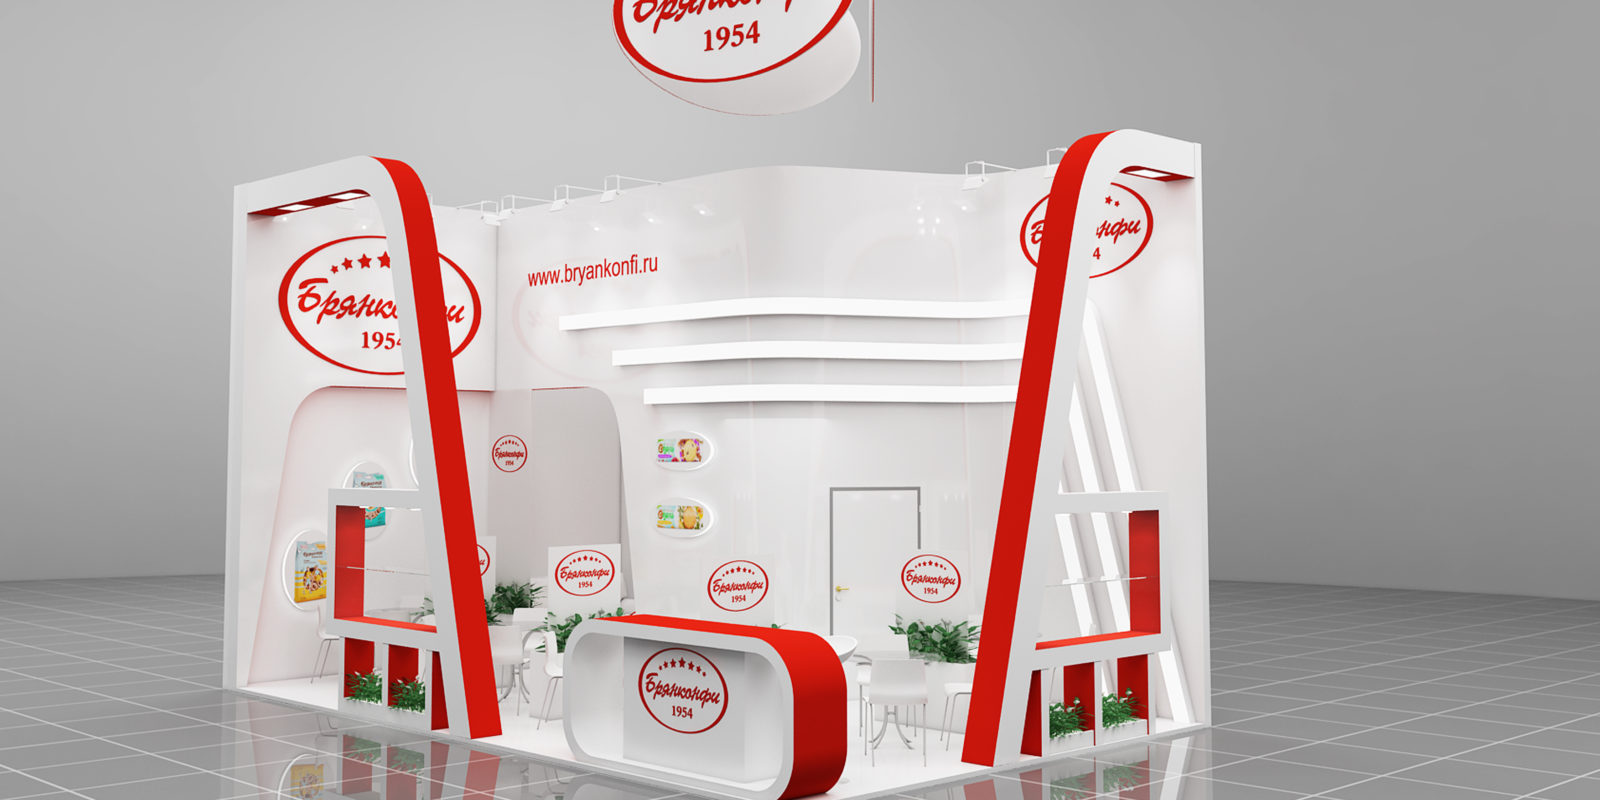 Дизайн проект выставочного стенда компании Брянконфи.